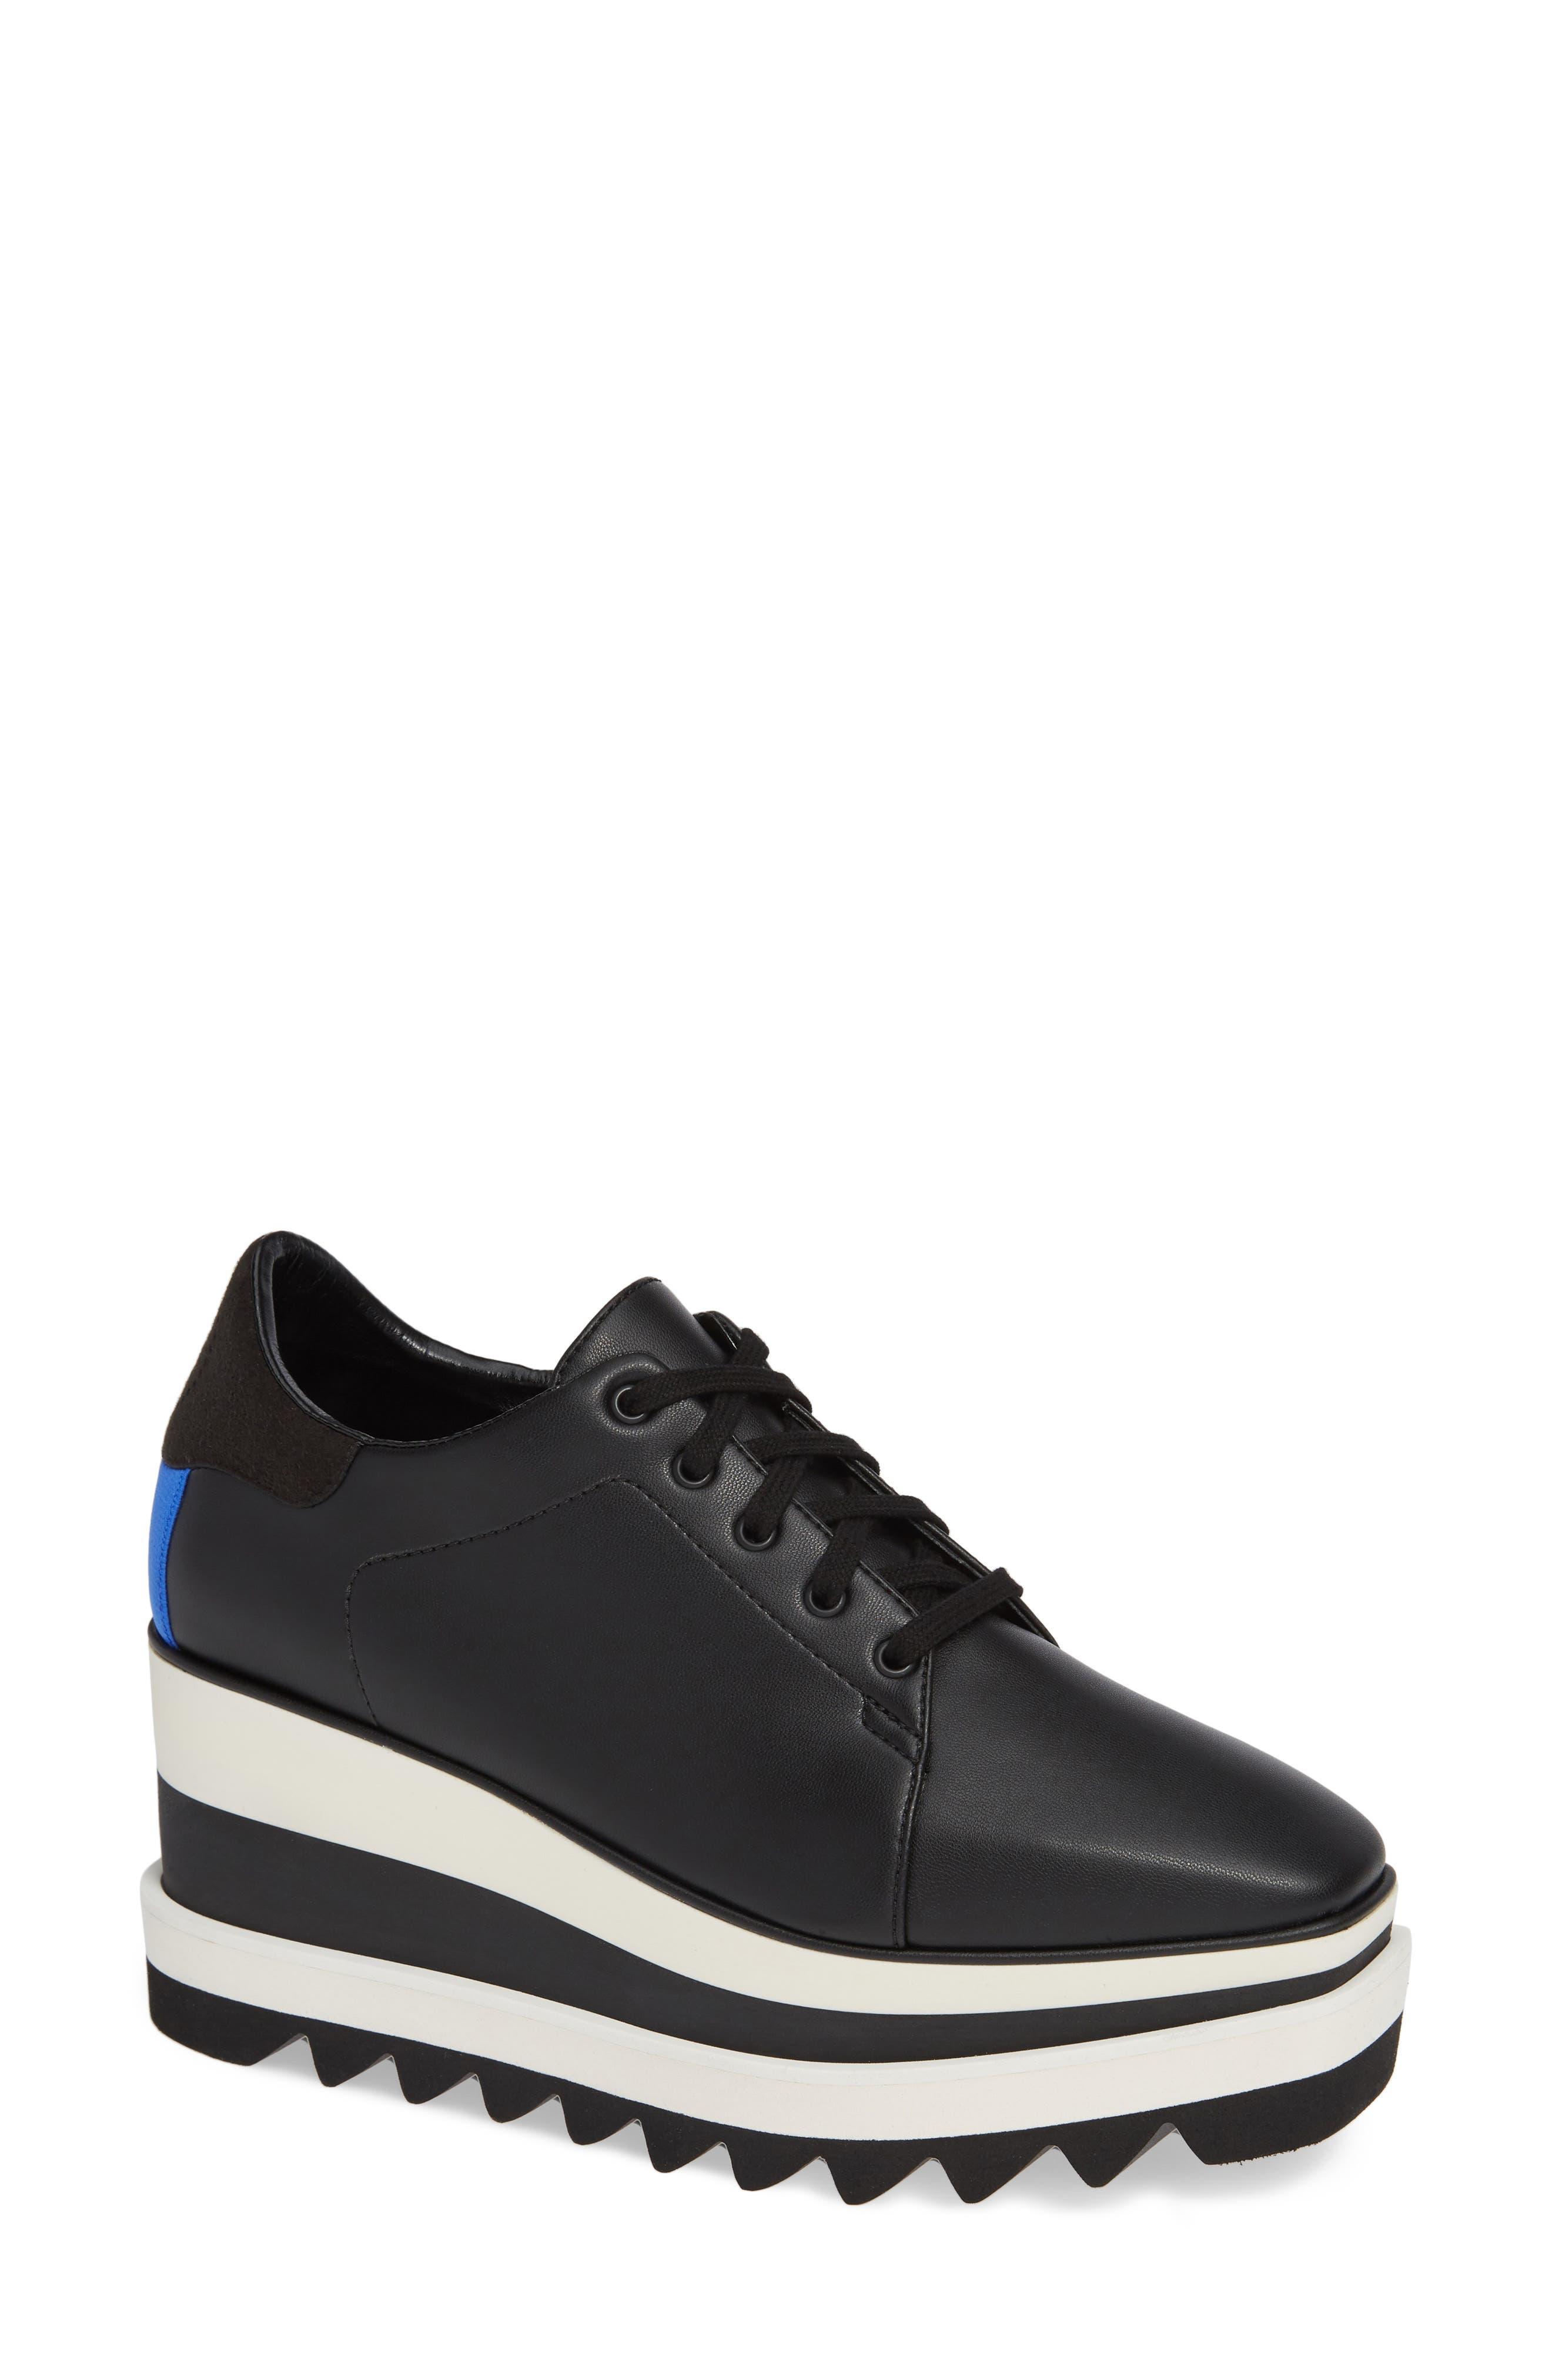 Sneak-Elyse Flatform Sneaker,                         Main,                         color, BLACK